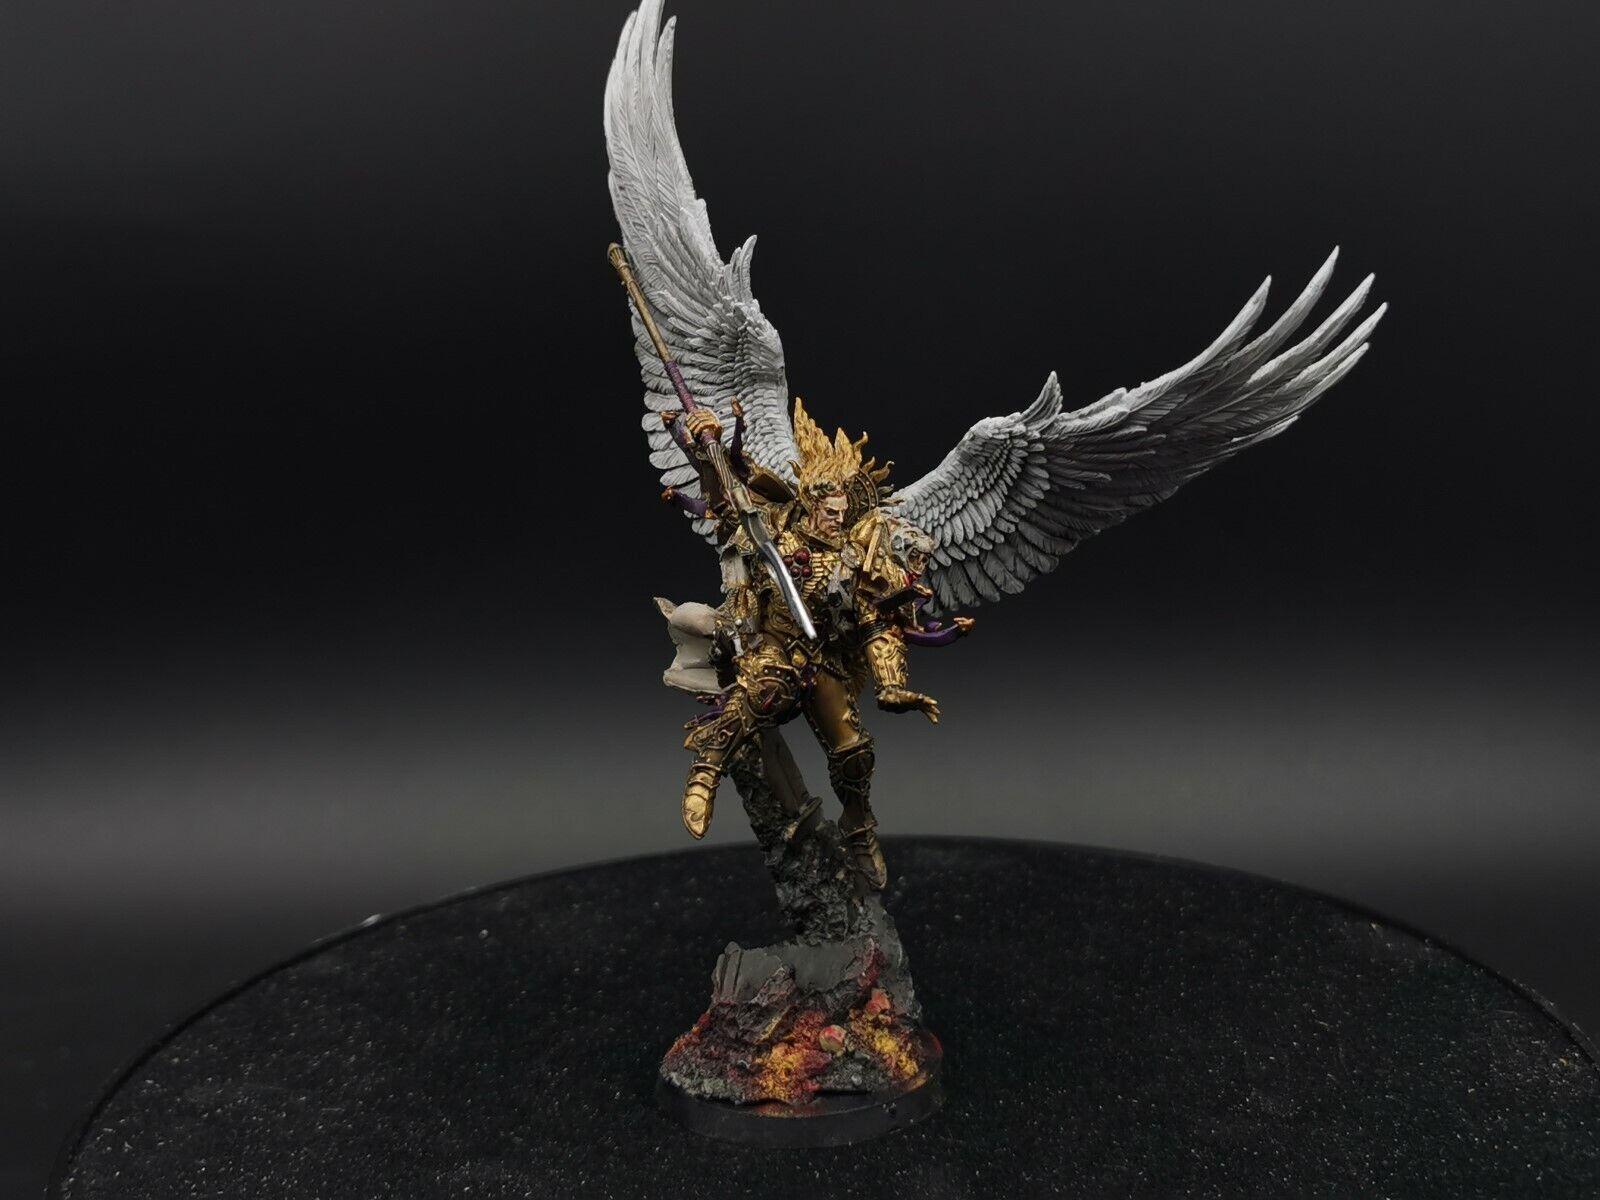 centro comercial de moda Warhammer forgworld forgworld forgworld sanguinius Primarch Blood Angels Pro Pintado hecho a pedido  punto de venta en línea